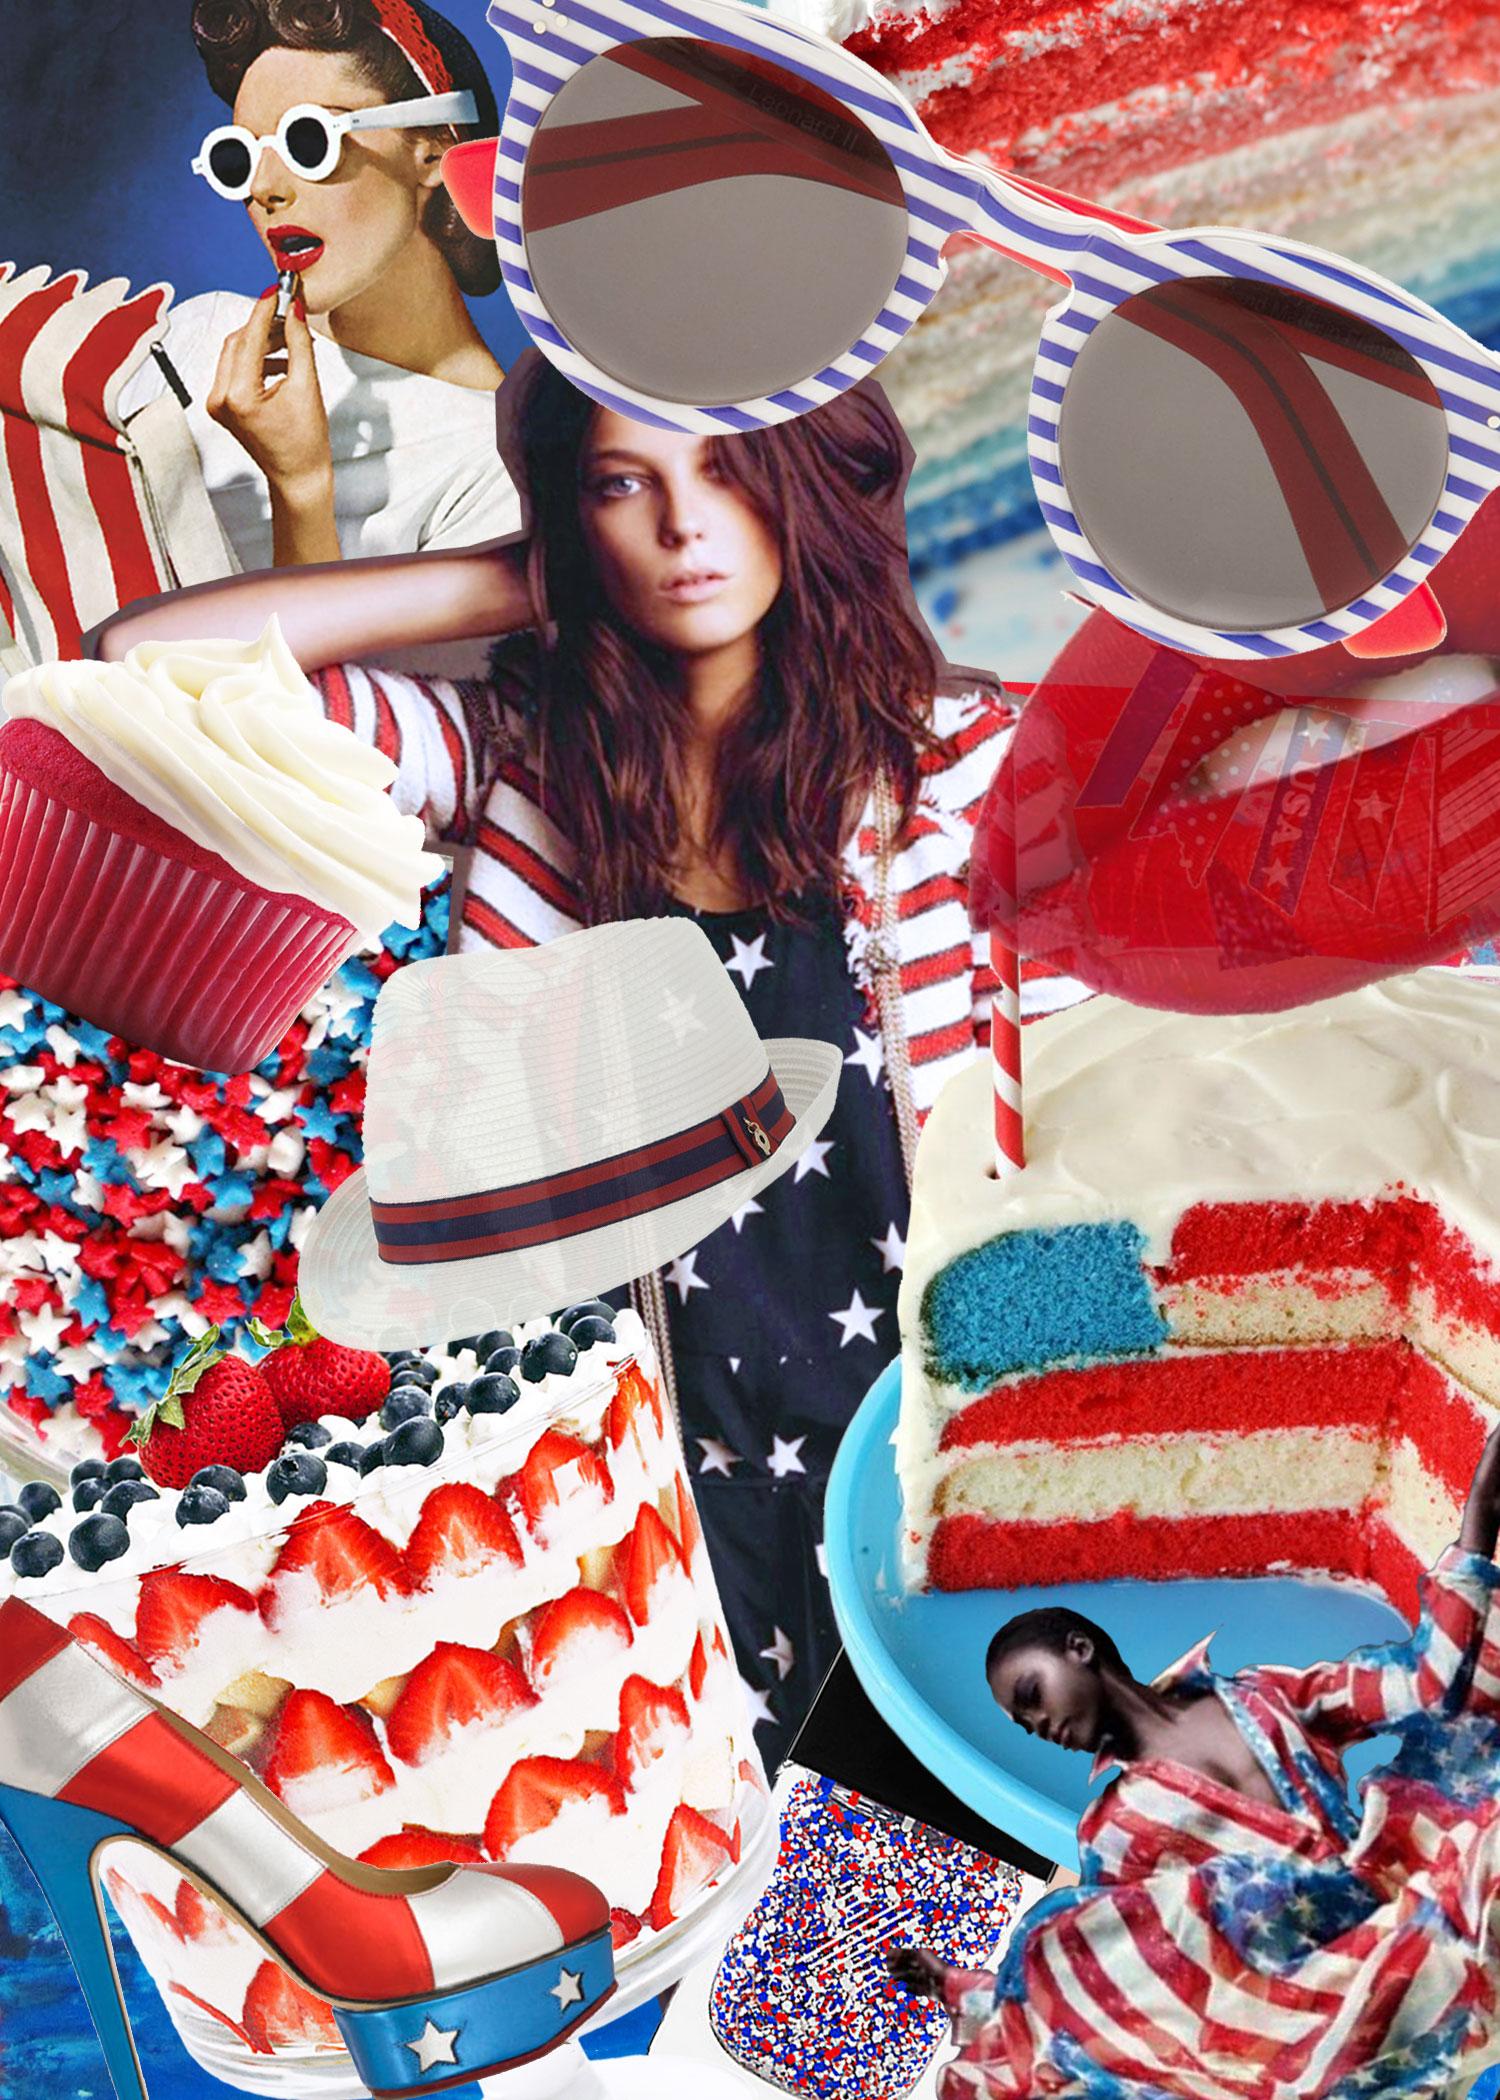 layered-cake2.jpg